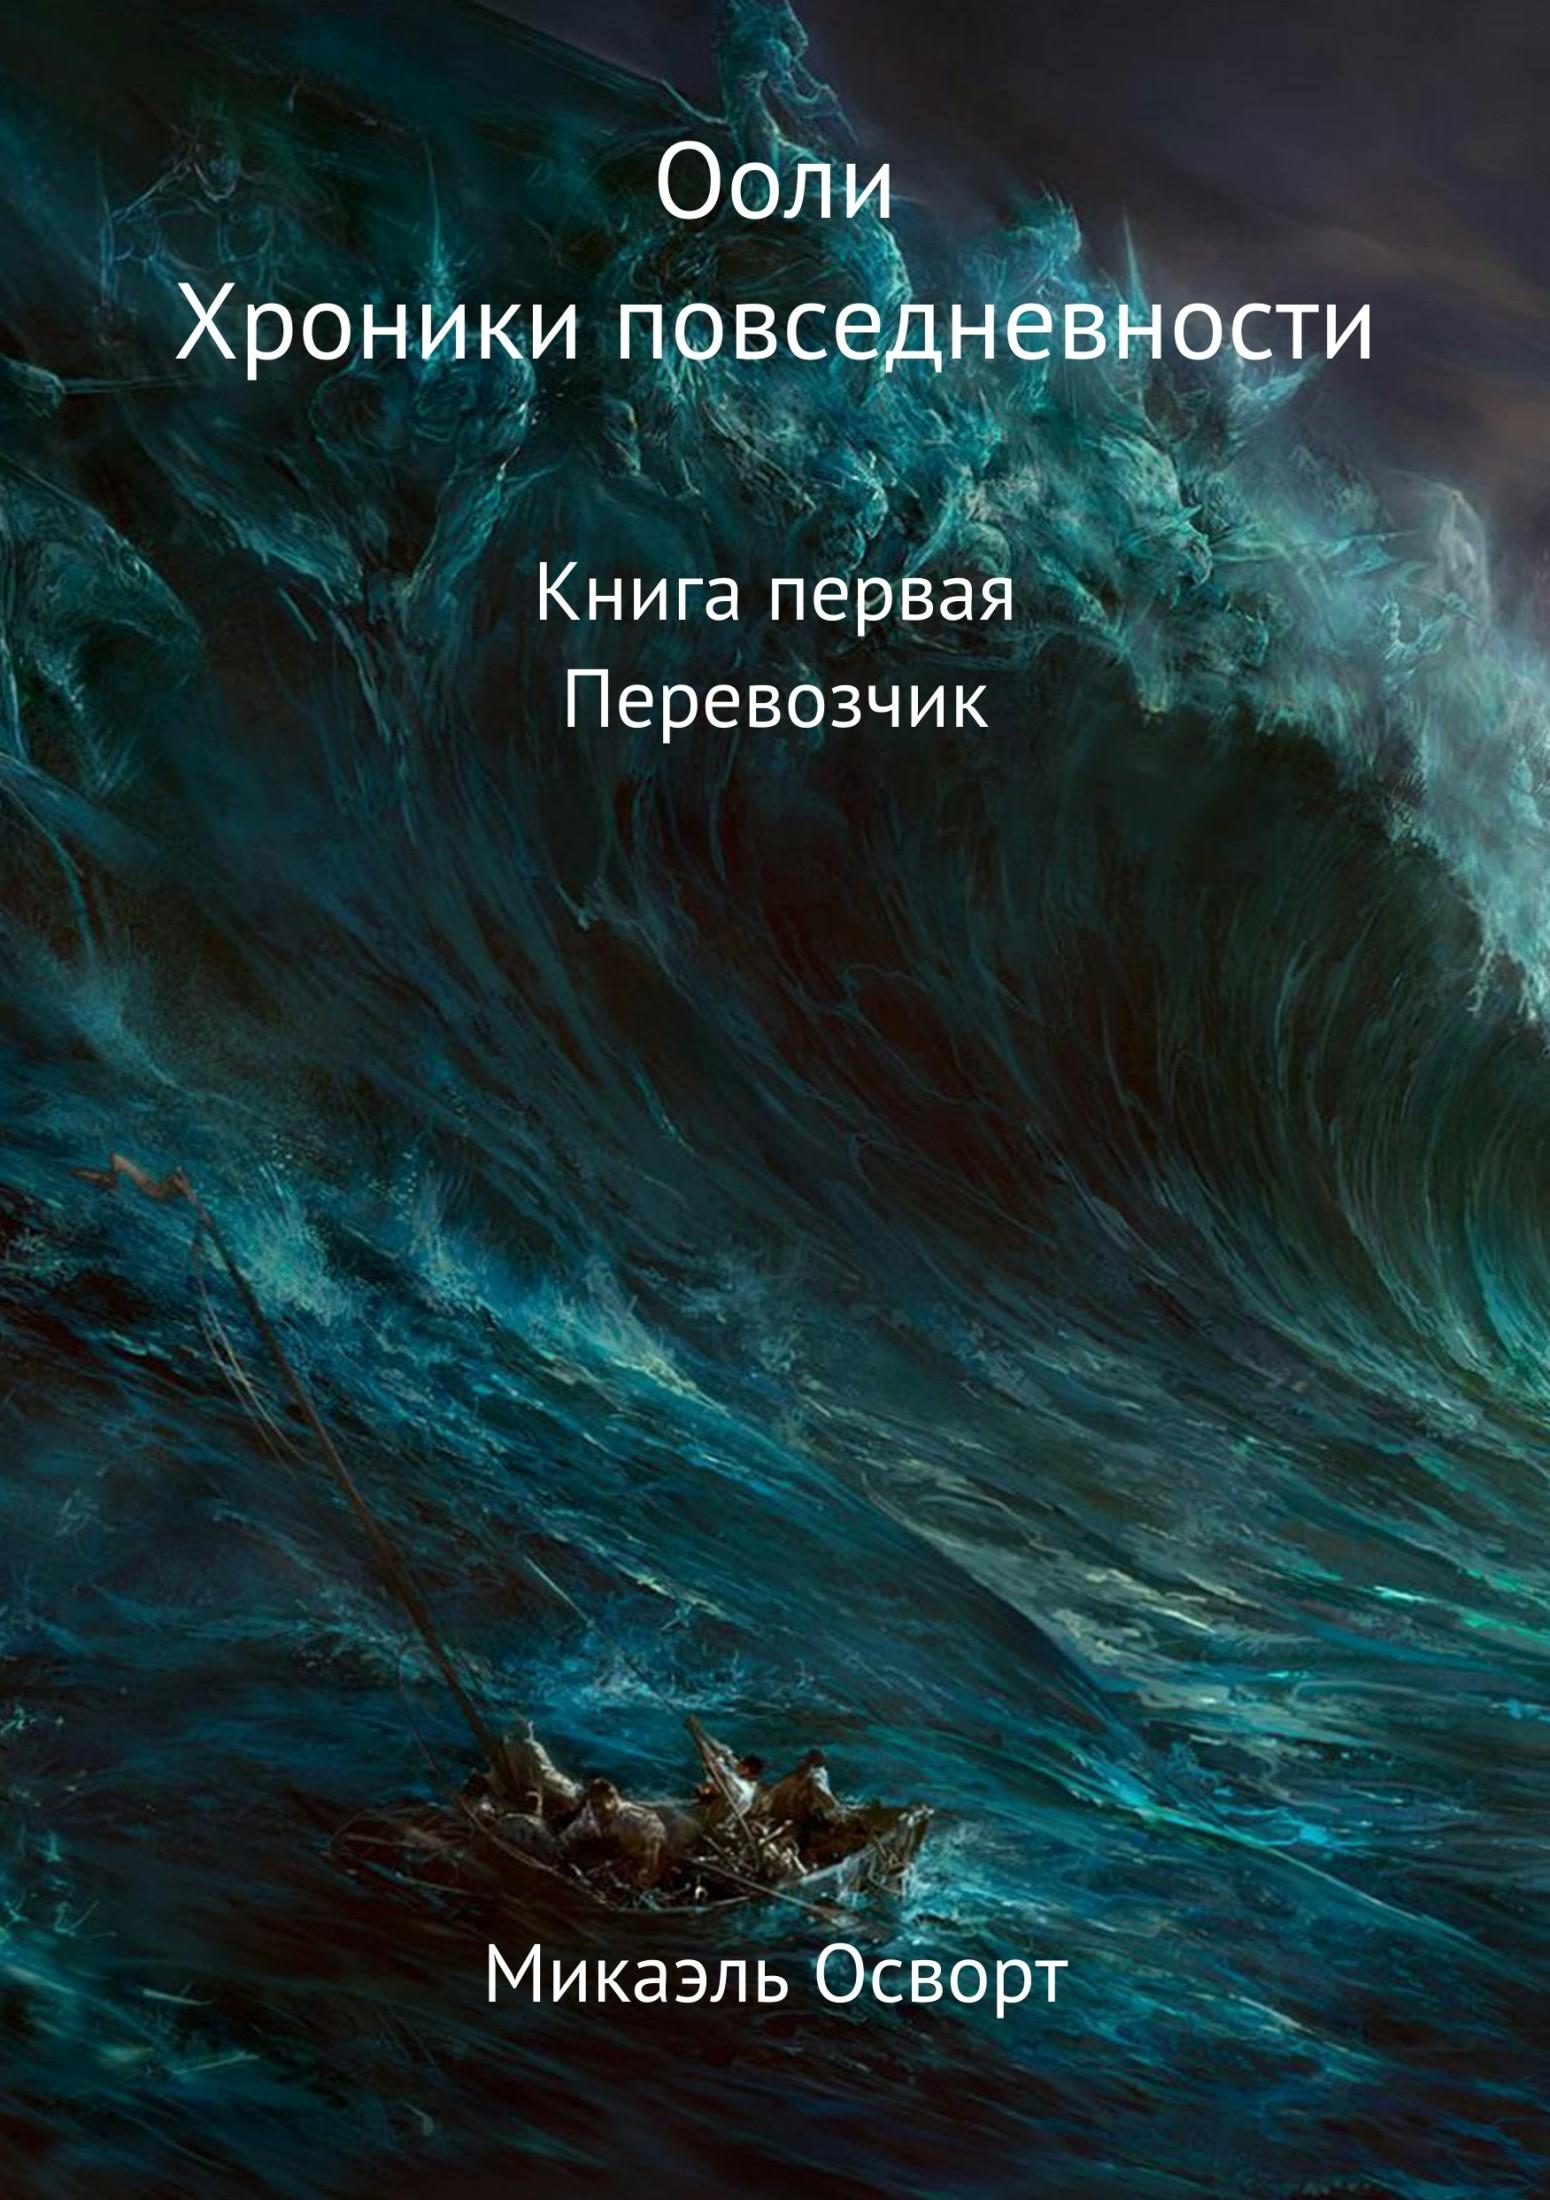 Микаэль Осворт Ооли. Хроники повседневности. Книга первая. Перевозчик